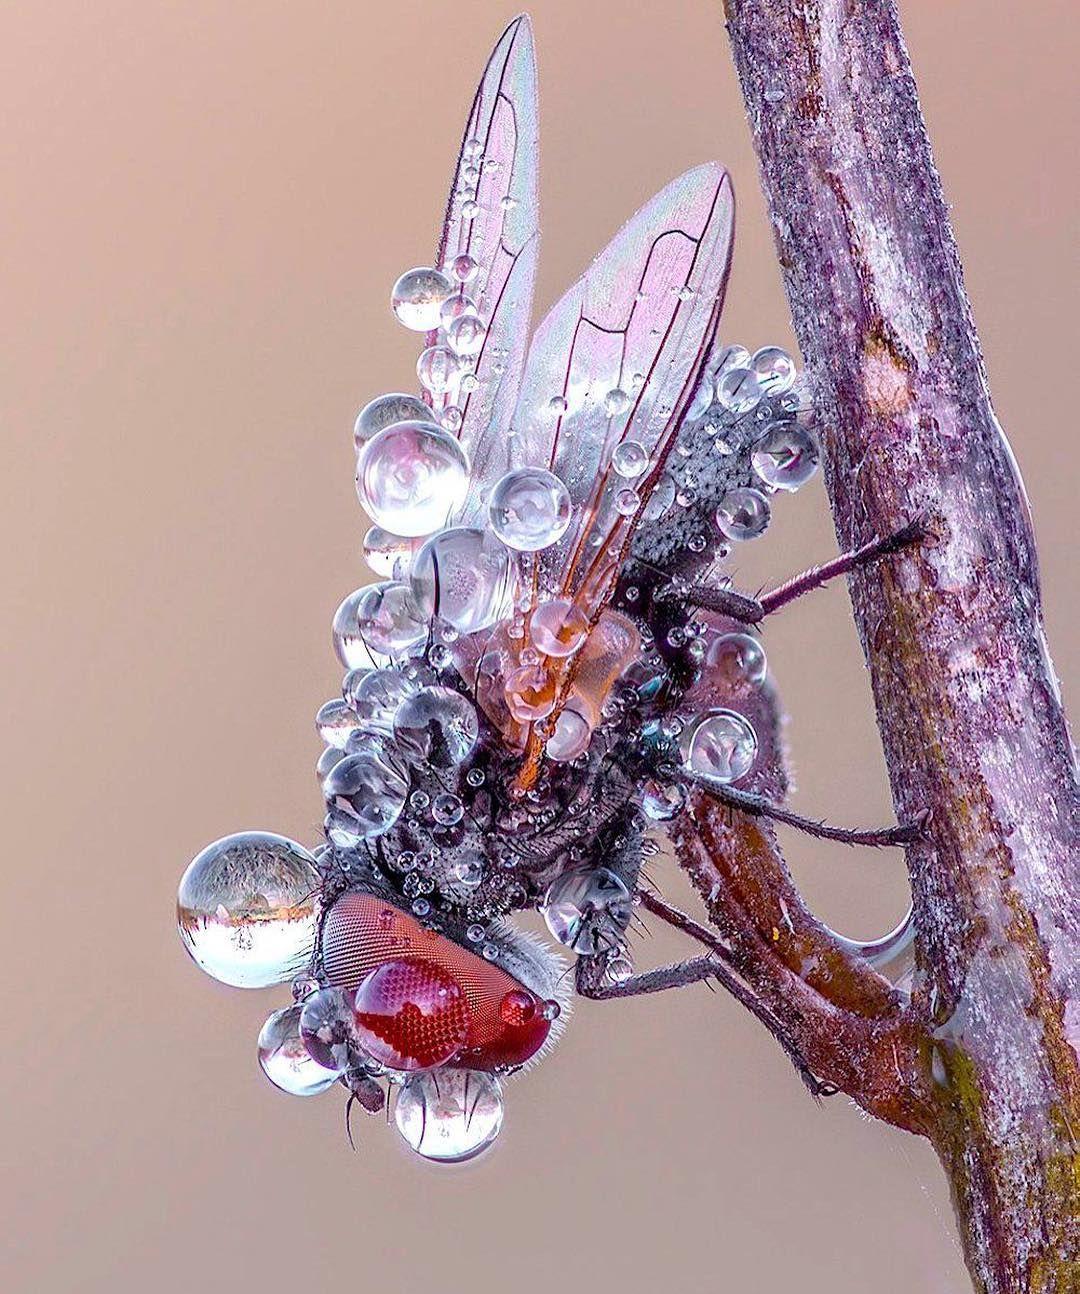 a rosée du matin sur une mouche. #insectes #animaux #nature  #trustmyscience⠀ ⠀ Crédits | Nature animals, Wildlife nature, Wildlife  animals